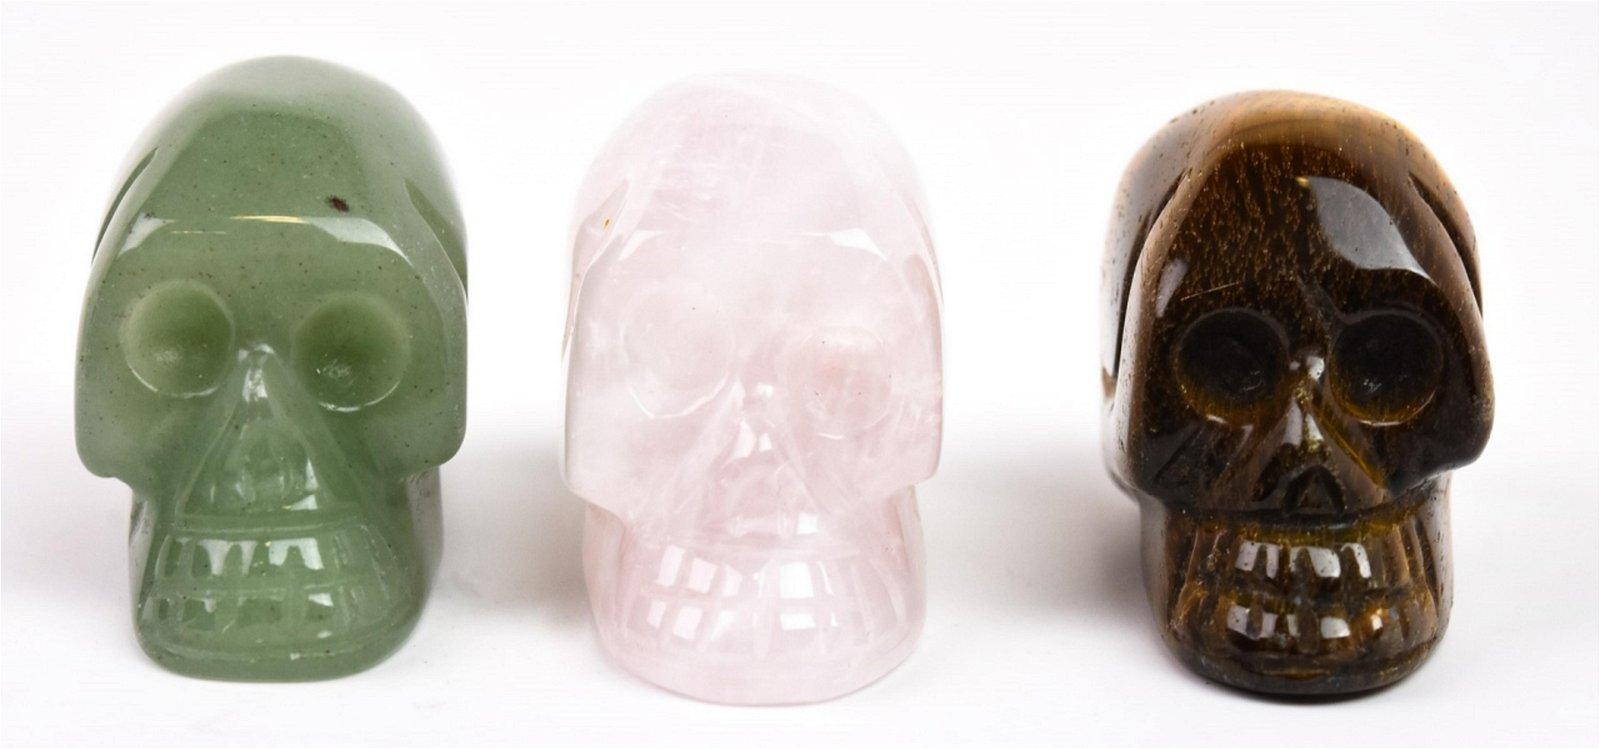 Set of 3 Hand Carved Hardstone Human Skulls